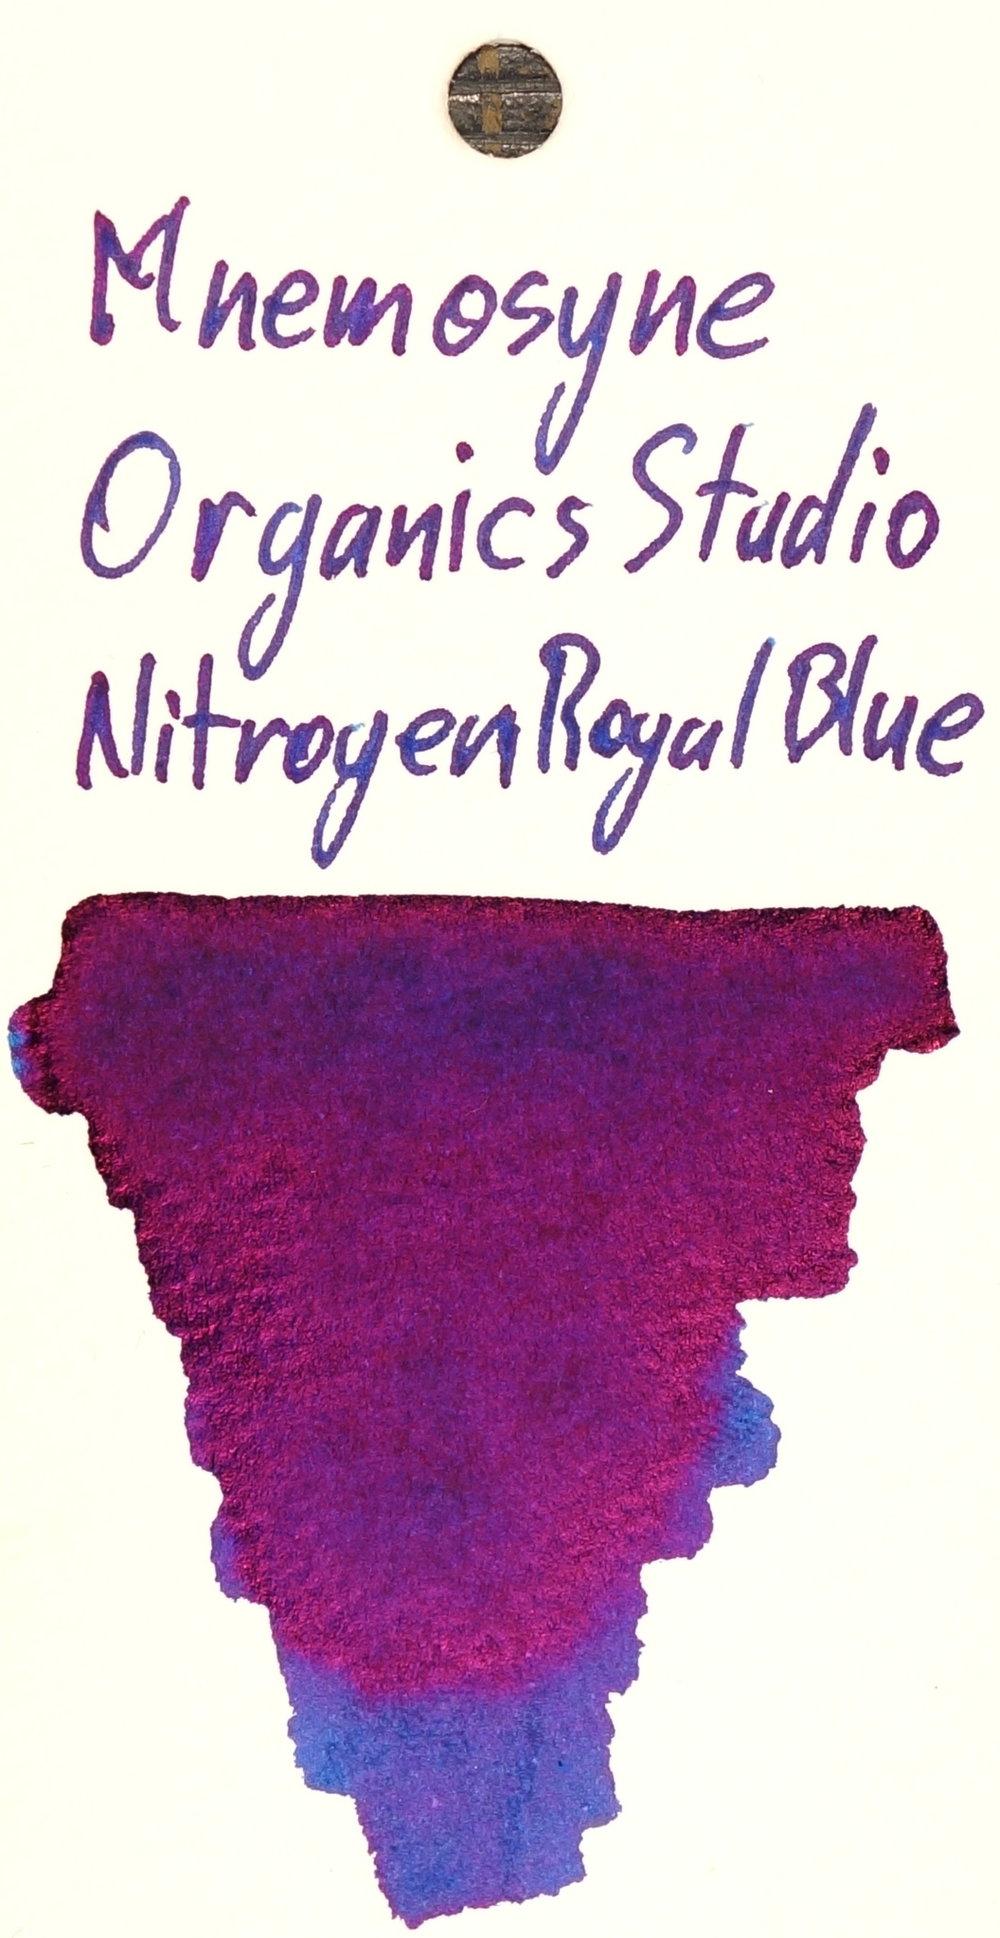 Organics Studio Nitrogen Royal Blue Mnemosyne.JPG